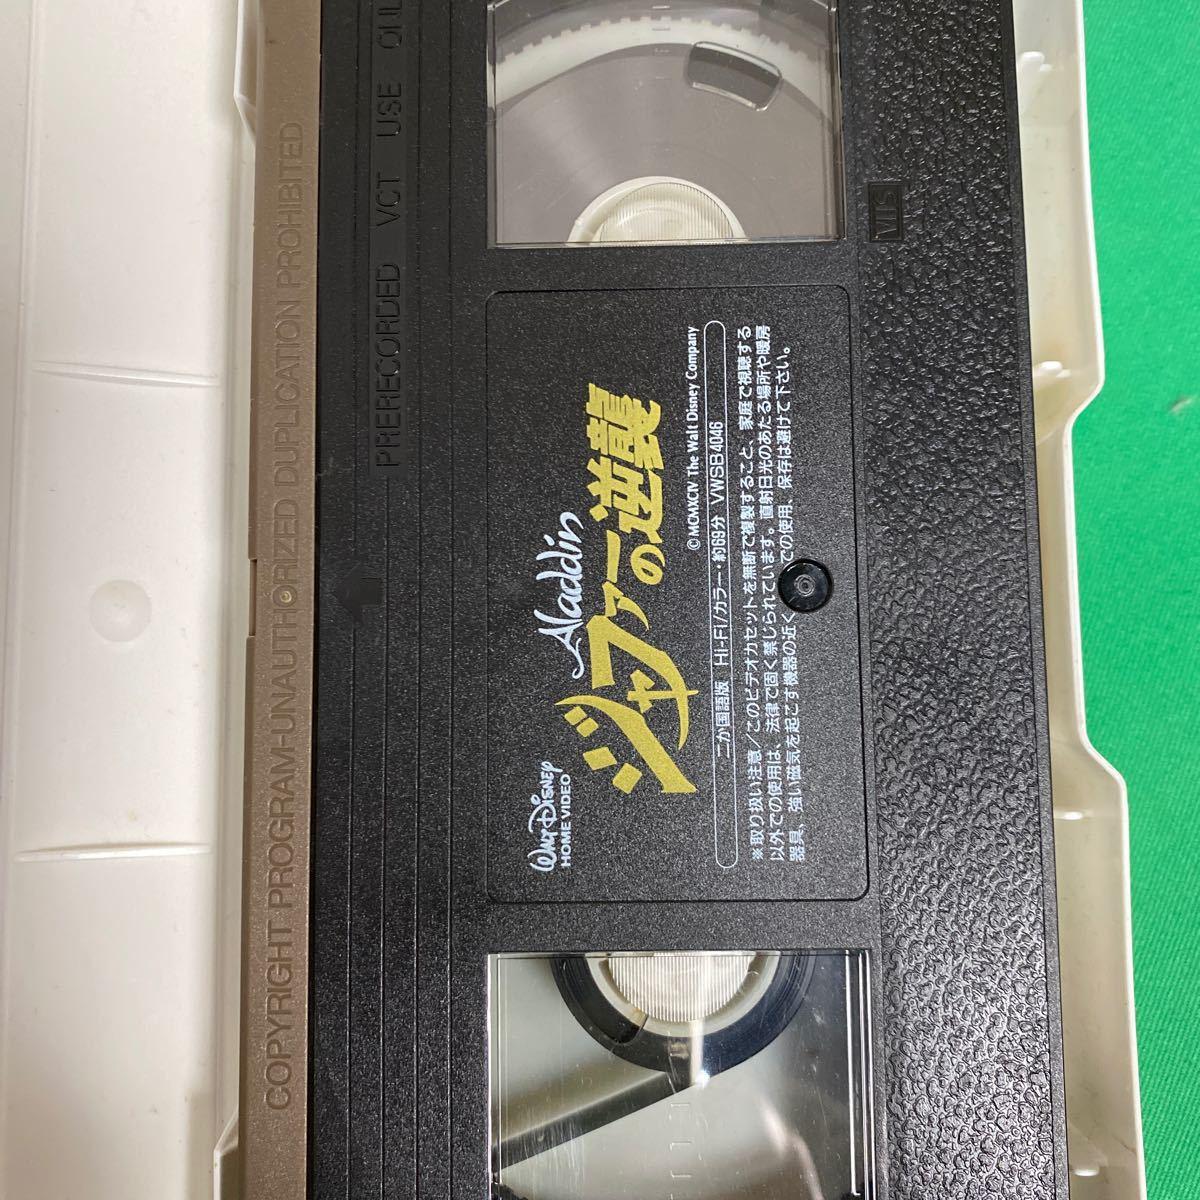 ディズニービデオ、アラジンとジャファーの逆襲 VHSビデオ 二本組